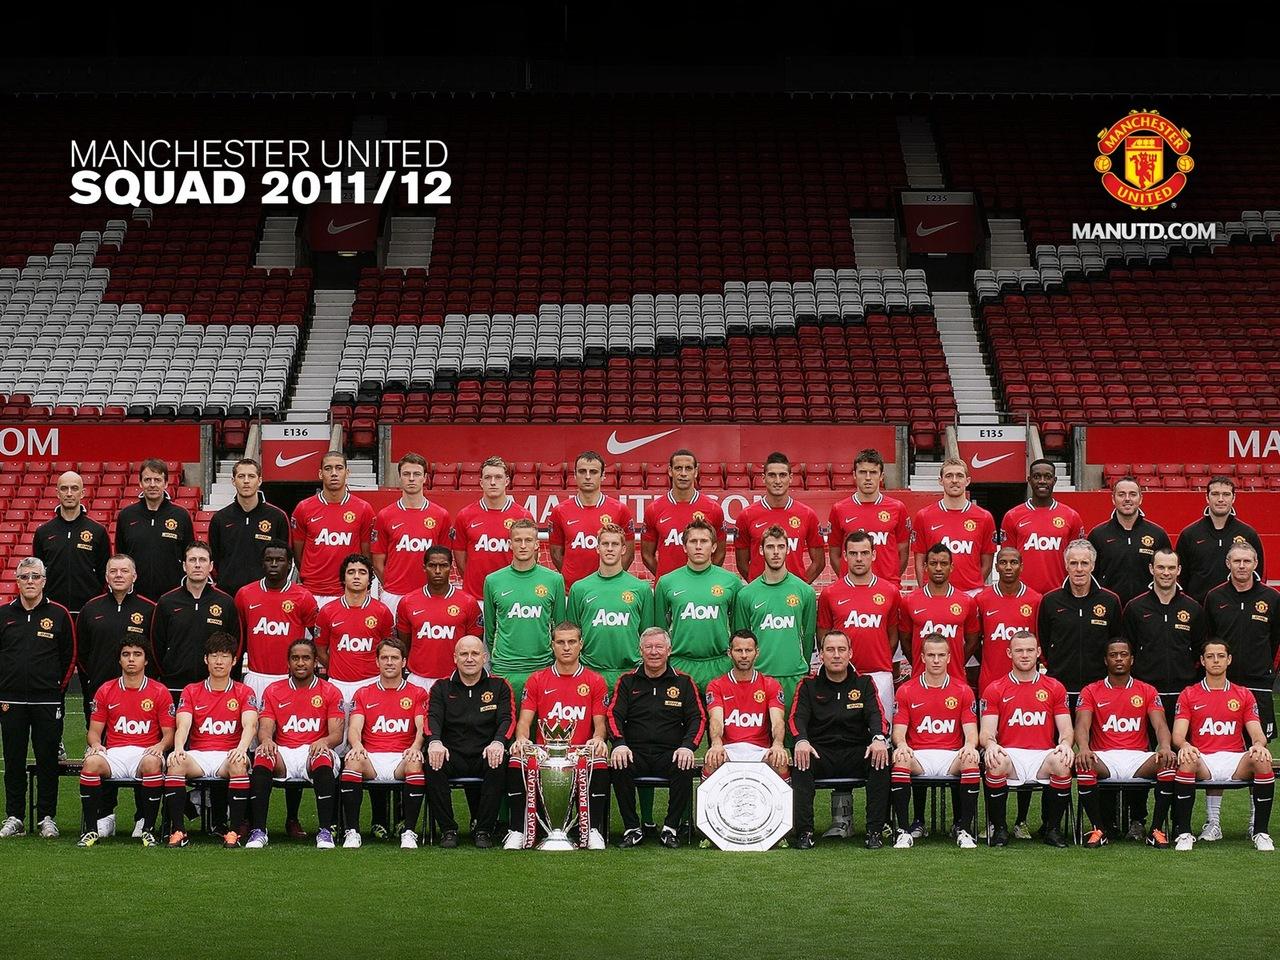 Состав футбольного клуба манчестер юнайтед на 2009 год